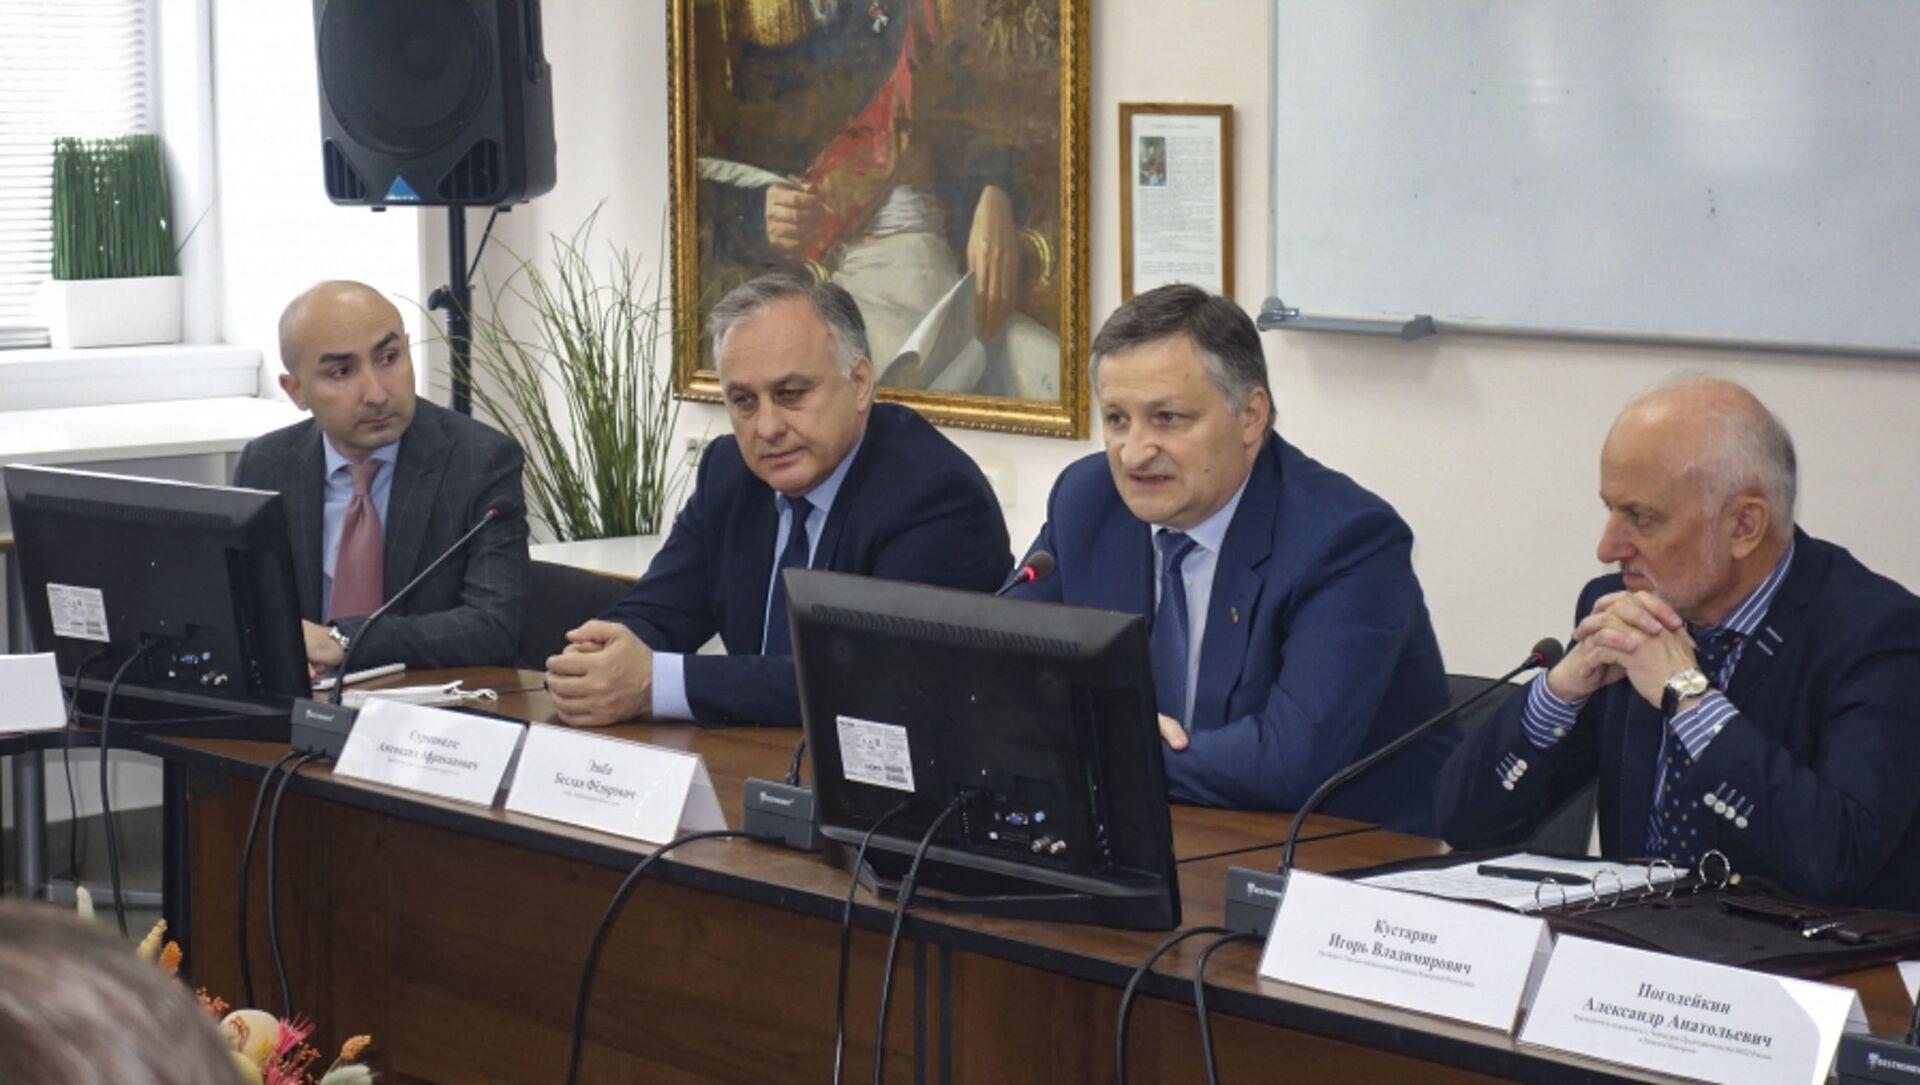 Итоги первого дня рабочего визита делегации Администрации г. Сухум в г. Чебоксары  - Sputnik Аҧсны, 1920, 07.04.2021